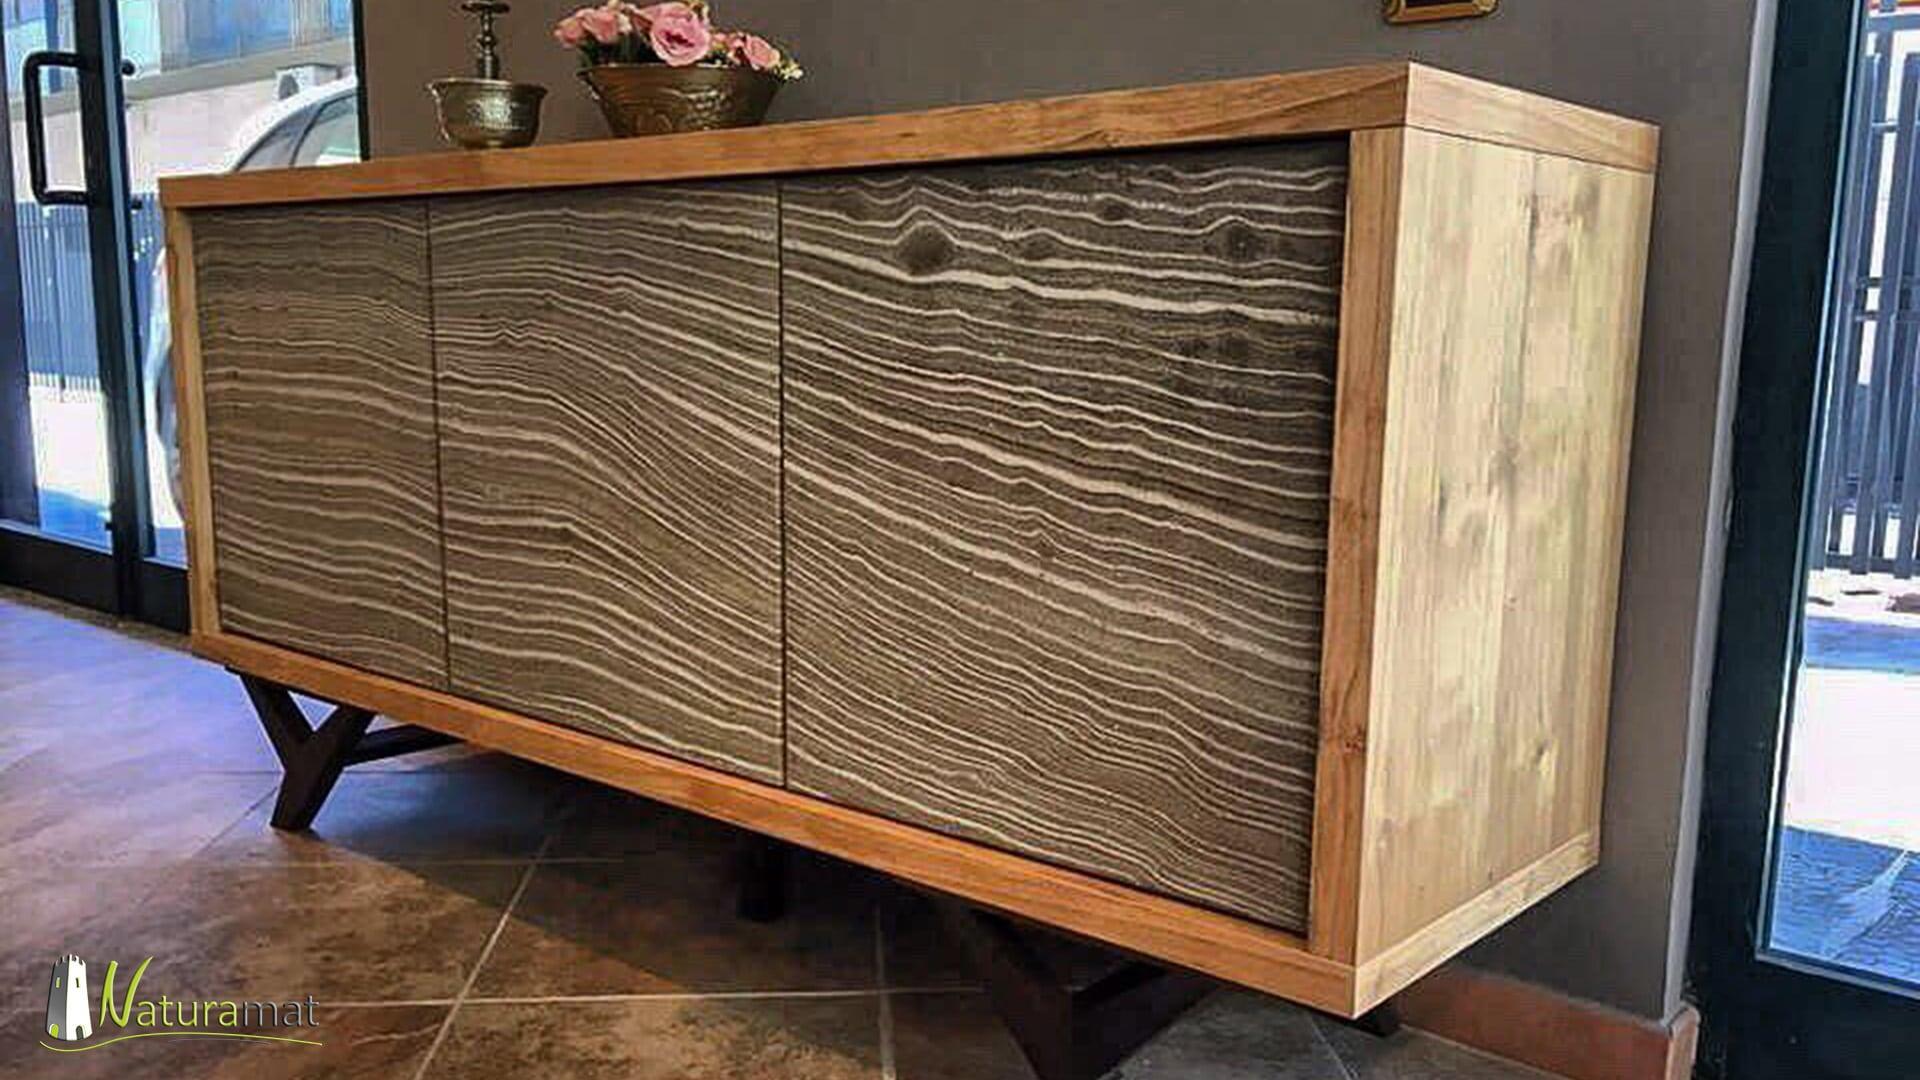 Réalisation d'un meuble habillé de feuille de sable